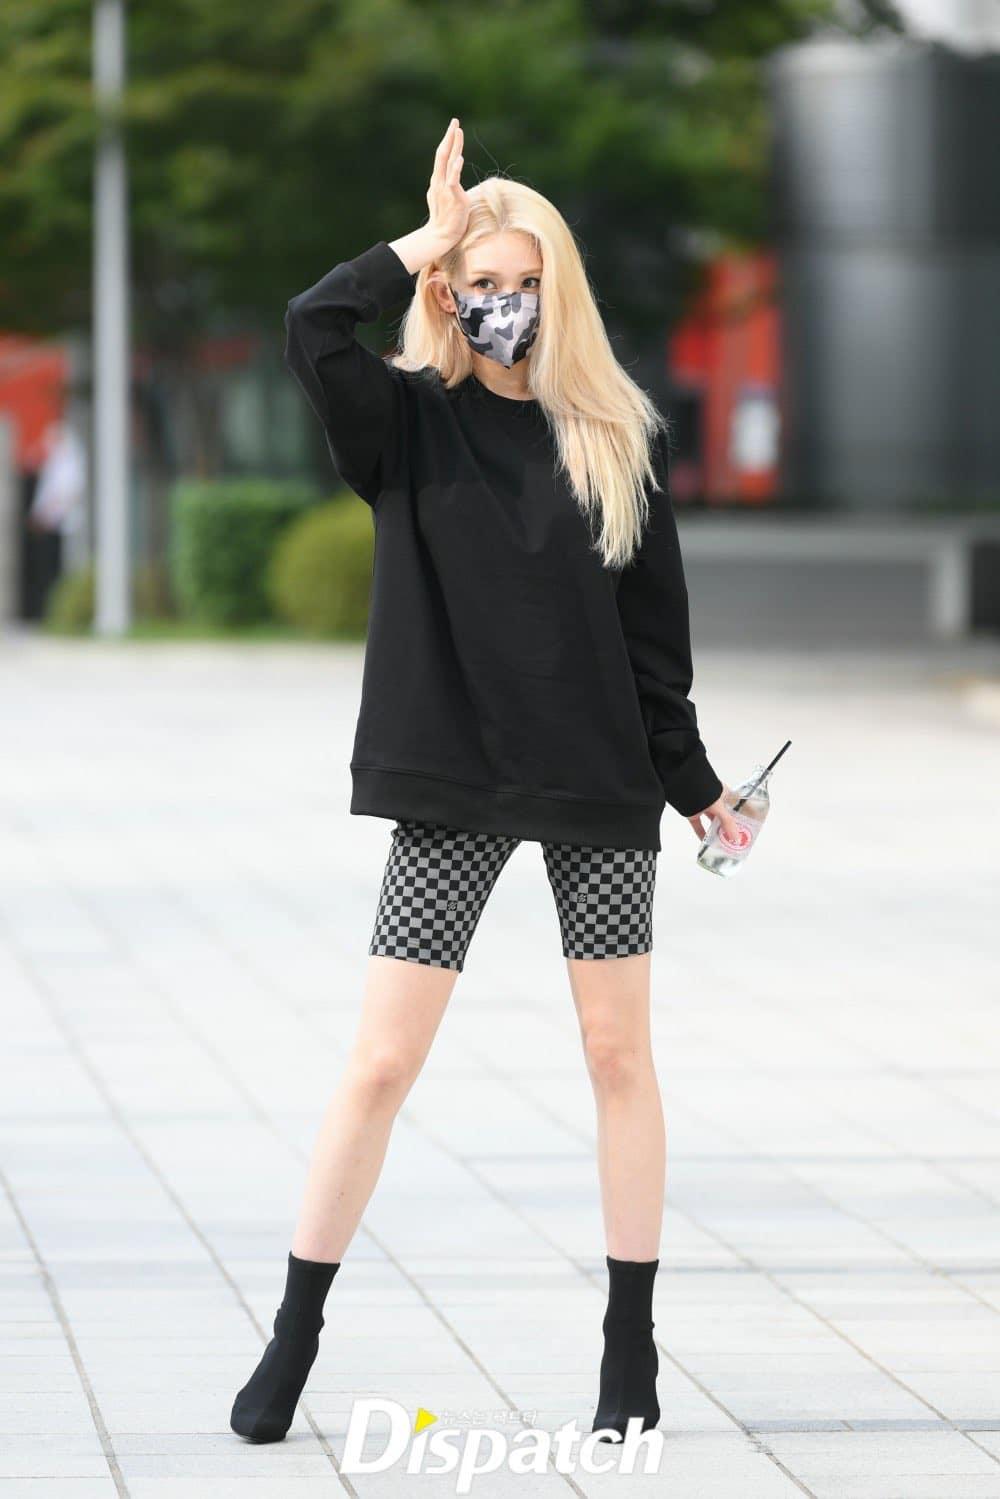 Khí chất high fashion cùng thần thái sang, xịn, mịn giúp Somi được kỳ vọng sẽ bùng nổ hơn nữa trong lĩnh vực thời trang.